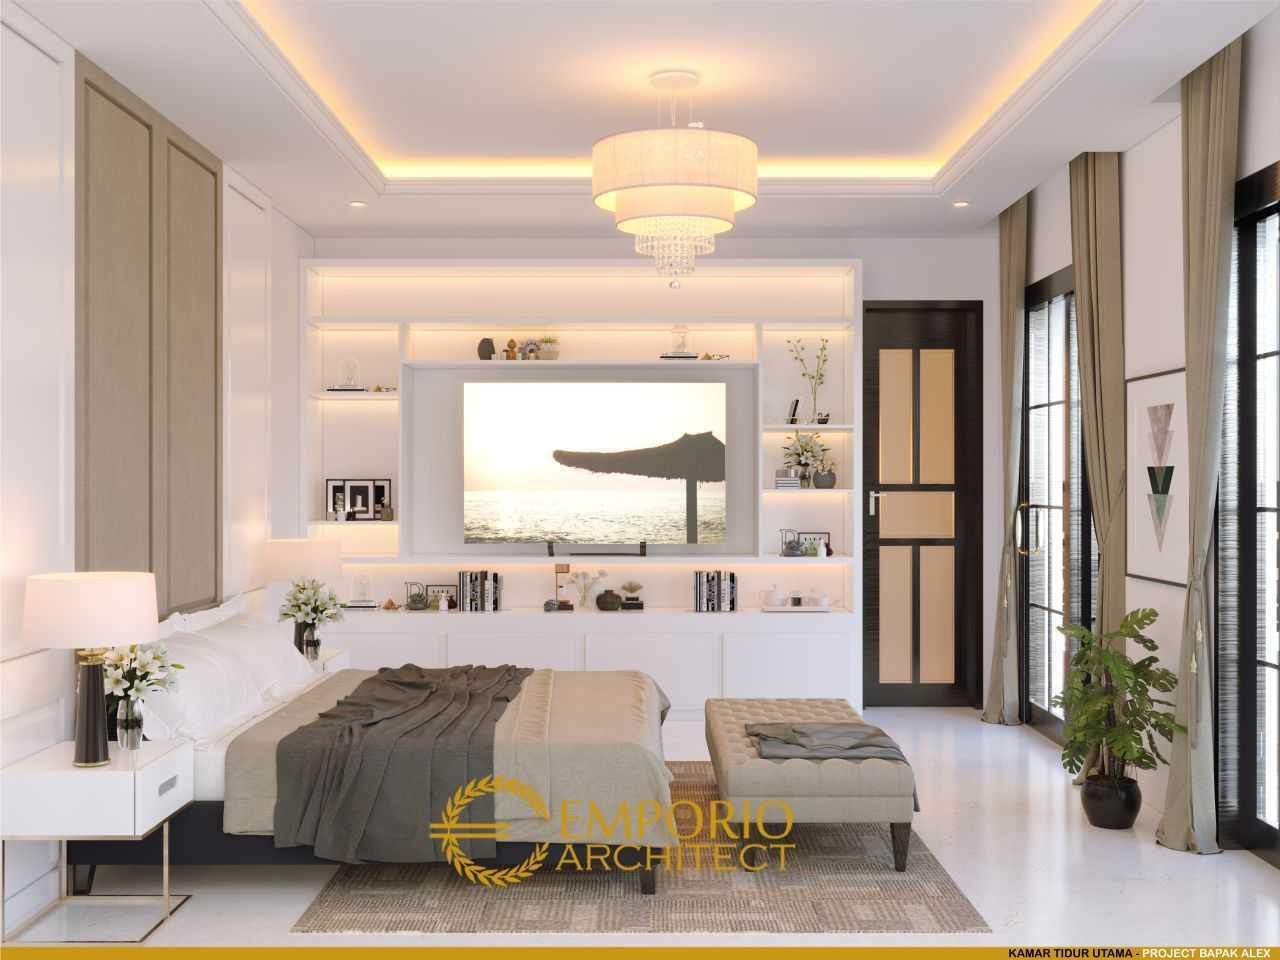 Emporio Architect Jasa Arsitek Bengkulu Desain Rumah Classic 2 Lantai 821 @ Bengkulu Bengkulu, Kota Bengkulu, Bengkulu, Indonesia Bengkulu, Kota Bengkulu, Bengkulu, Indonesia Emporio-Architect-Jasa-Arsitek-Bengkulu-Desain-Rumah-Classic-2-Lantai-821-Bengkulu   93551